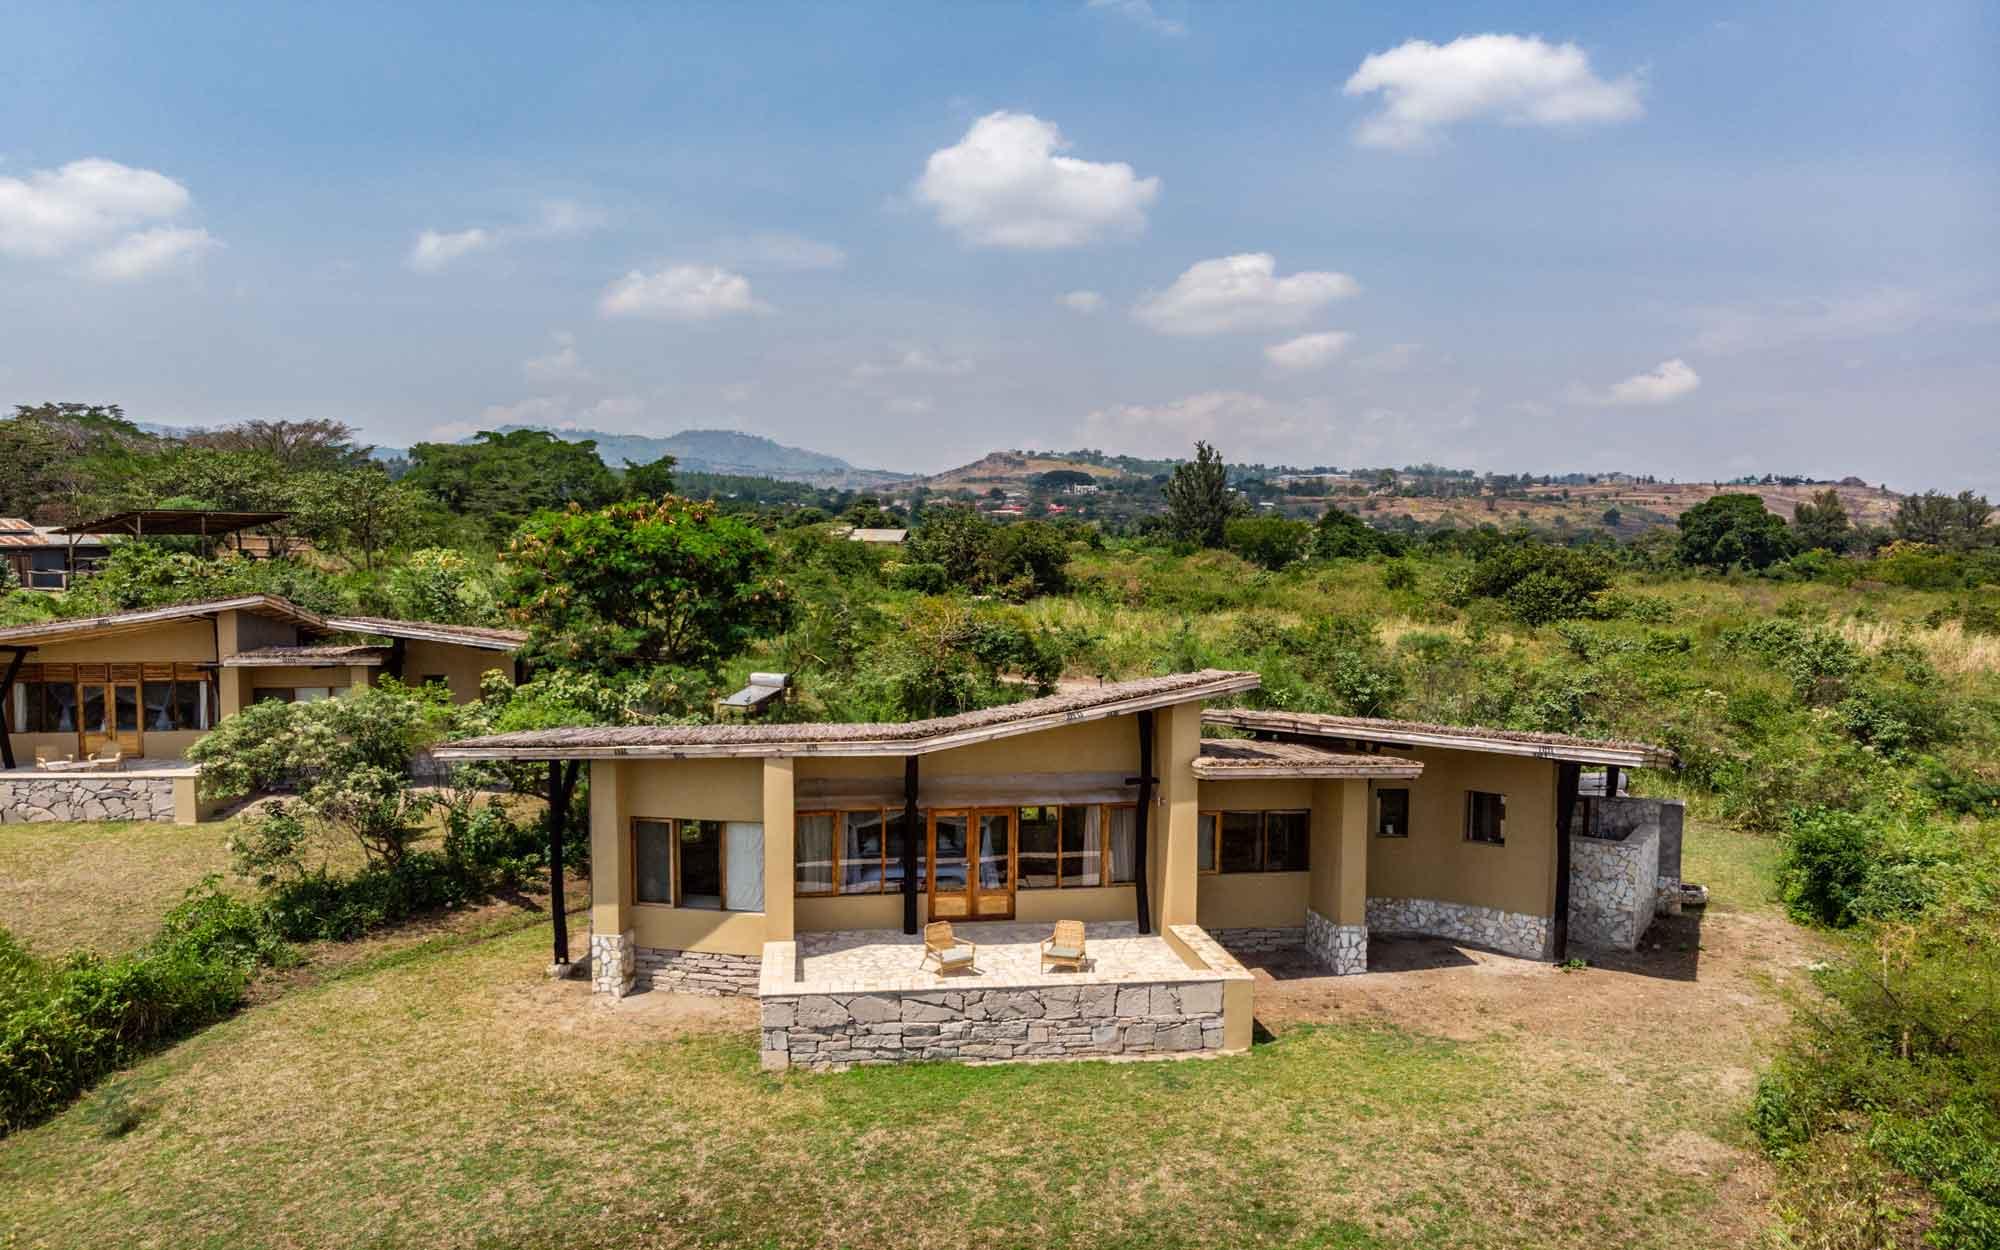 Sinamatella-Uganda-Kyambura-20180822-260.jpg